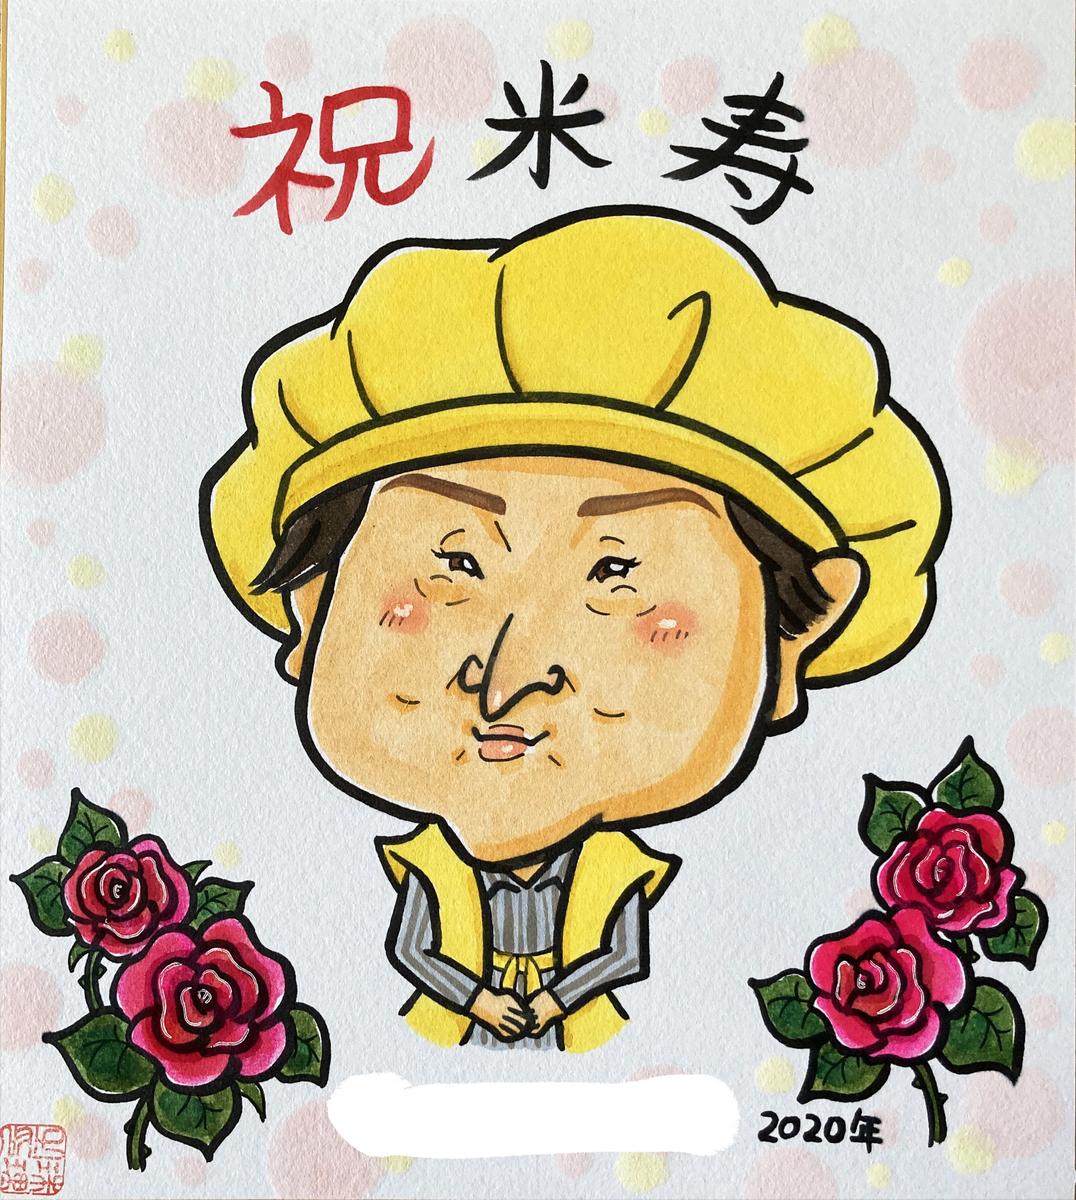 米寿祝の似顔絵ギフト、北海道札幌の似顔絵作家高井じゅり、似顔絵ファクトリー